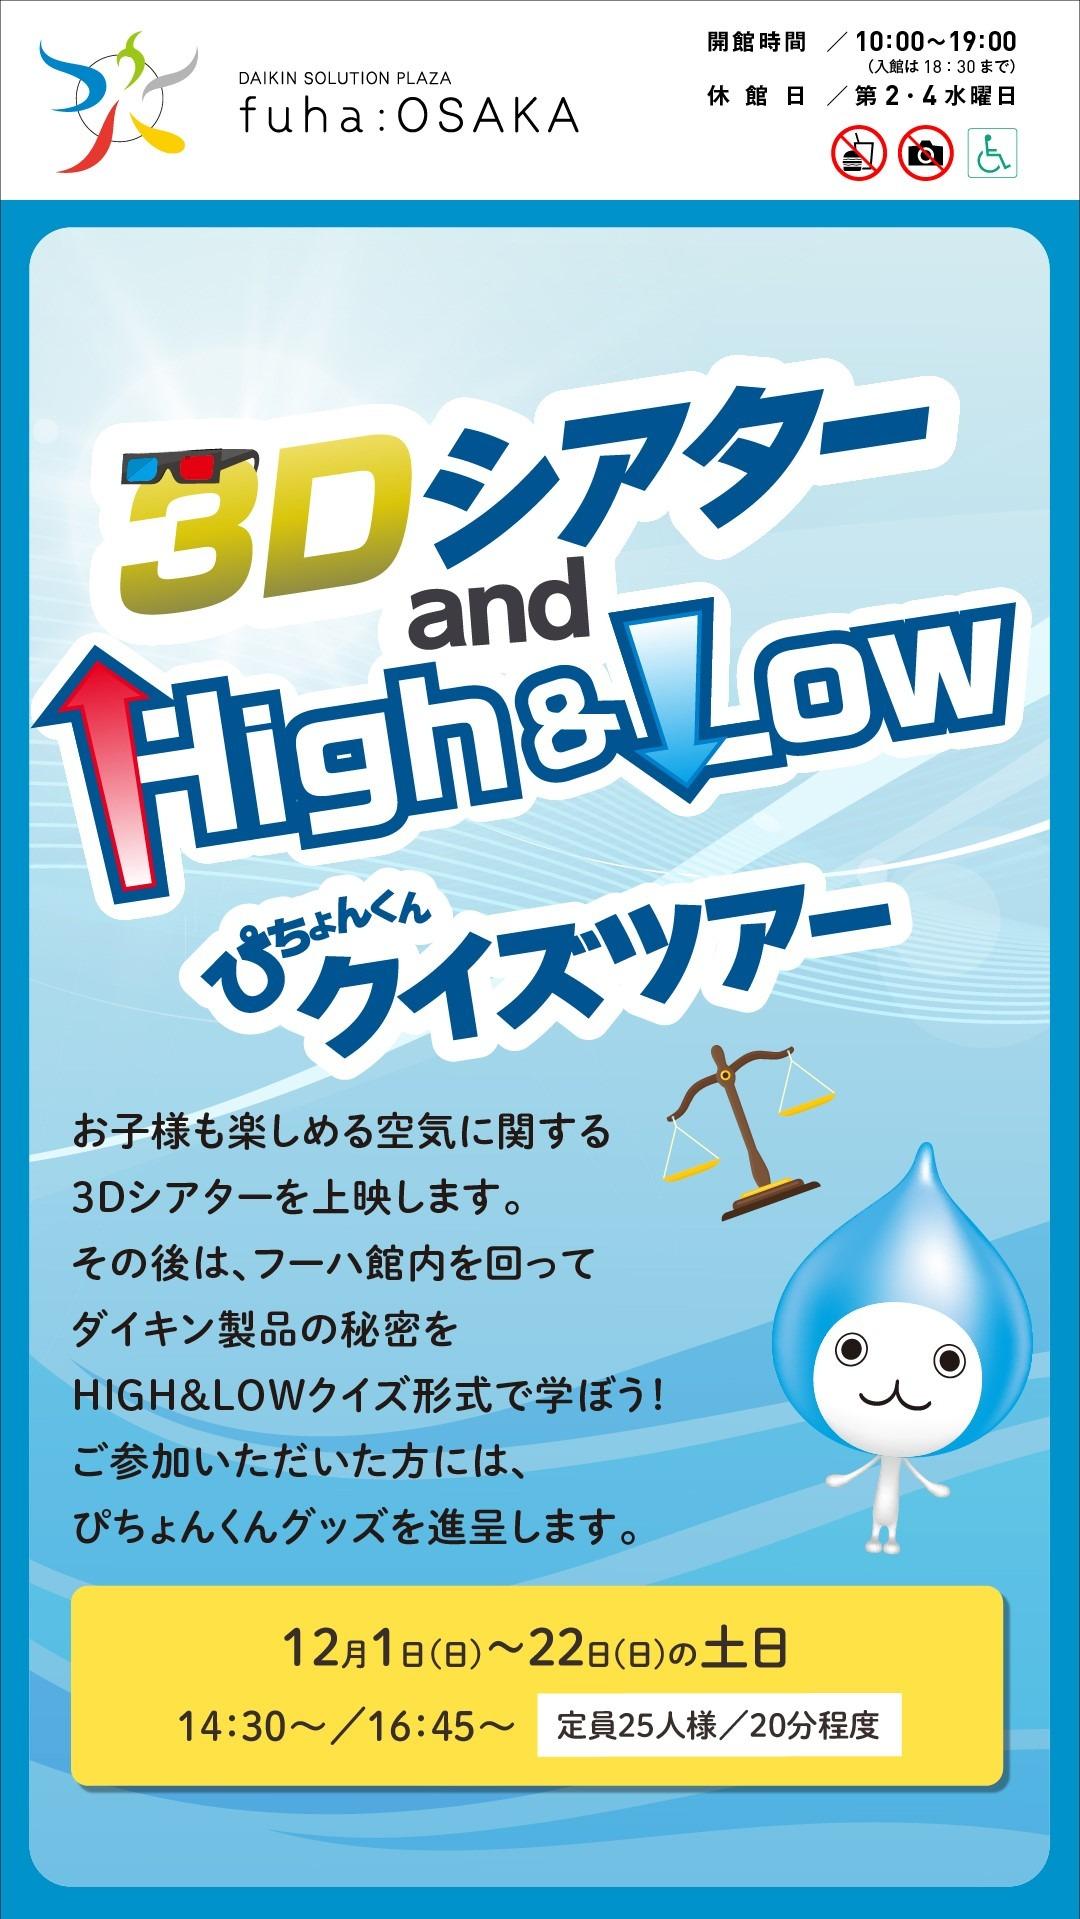 3Dシアター&ぴちょんくん【HIGH&LOW】クイズツアー